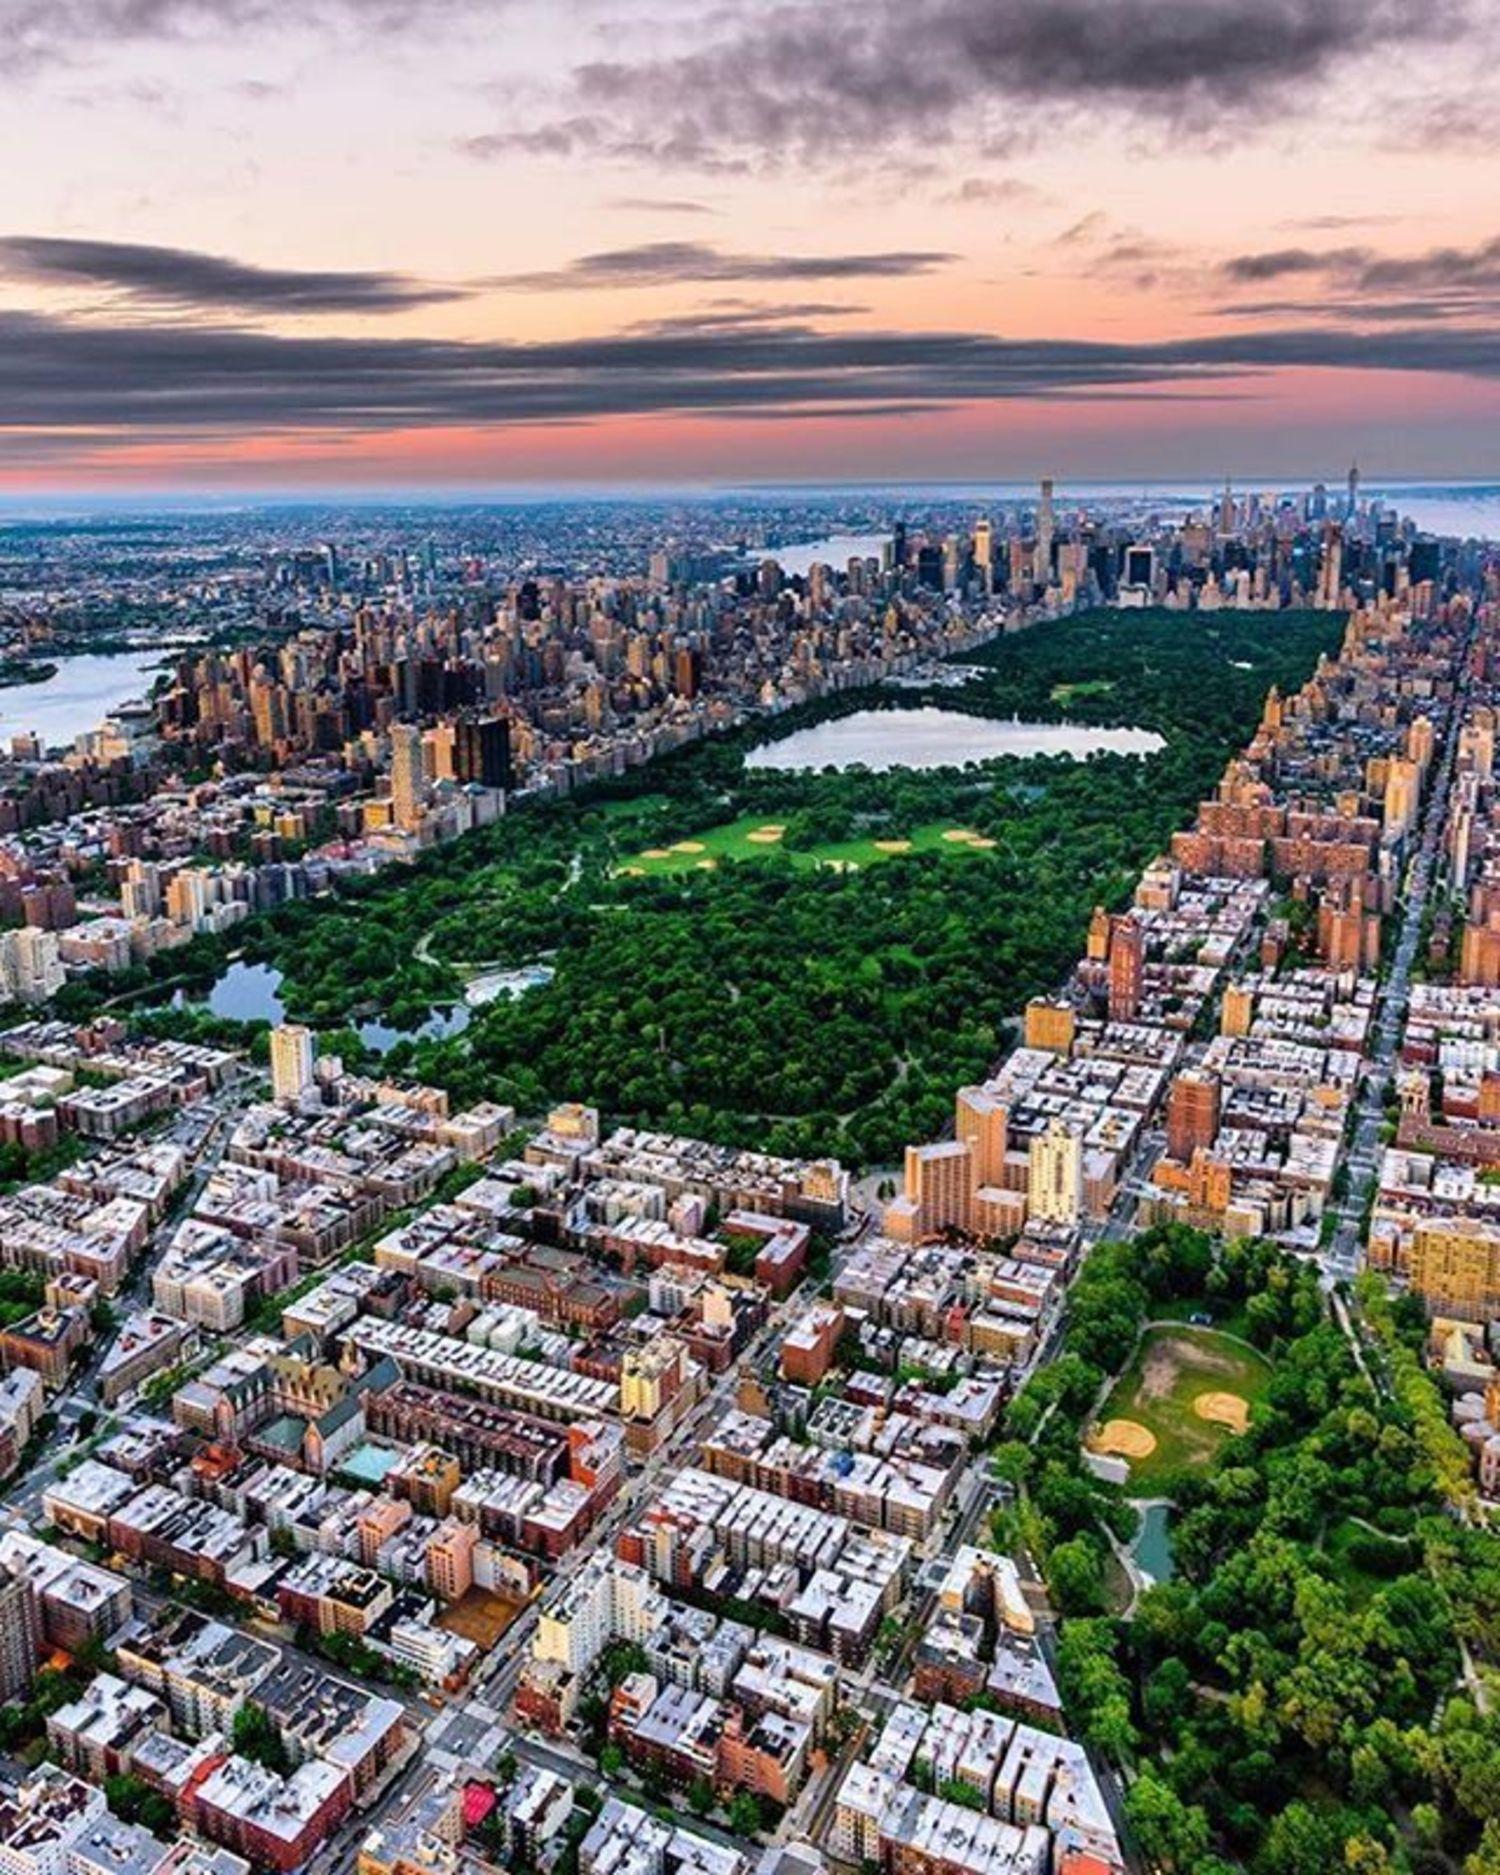 New York, New York. Photo via @killianmoore #viewingnyc #newyorkcity #newyork